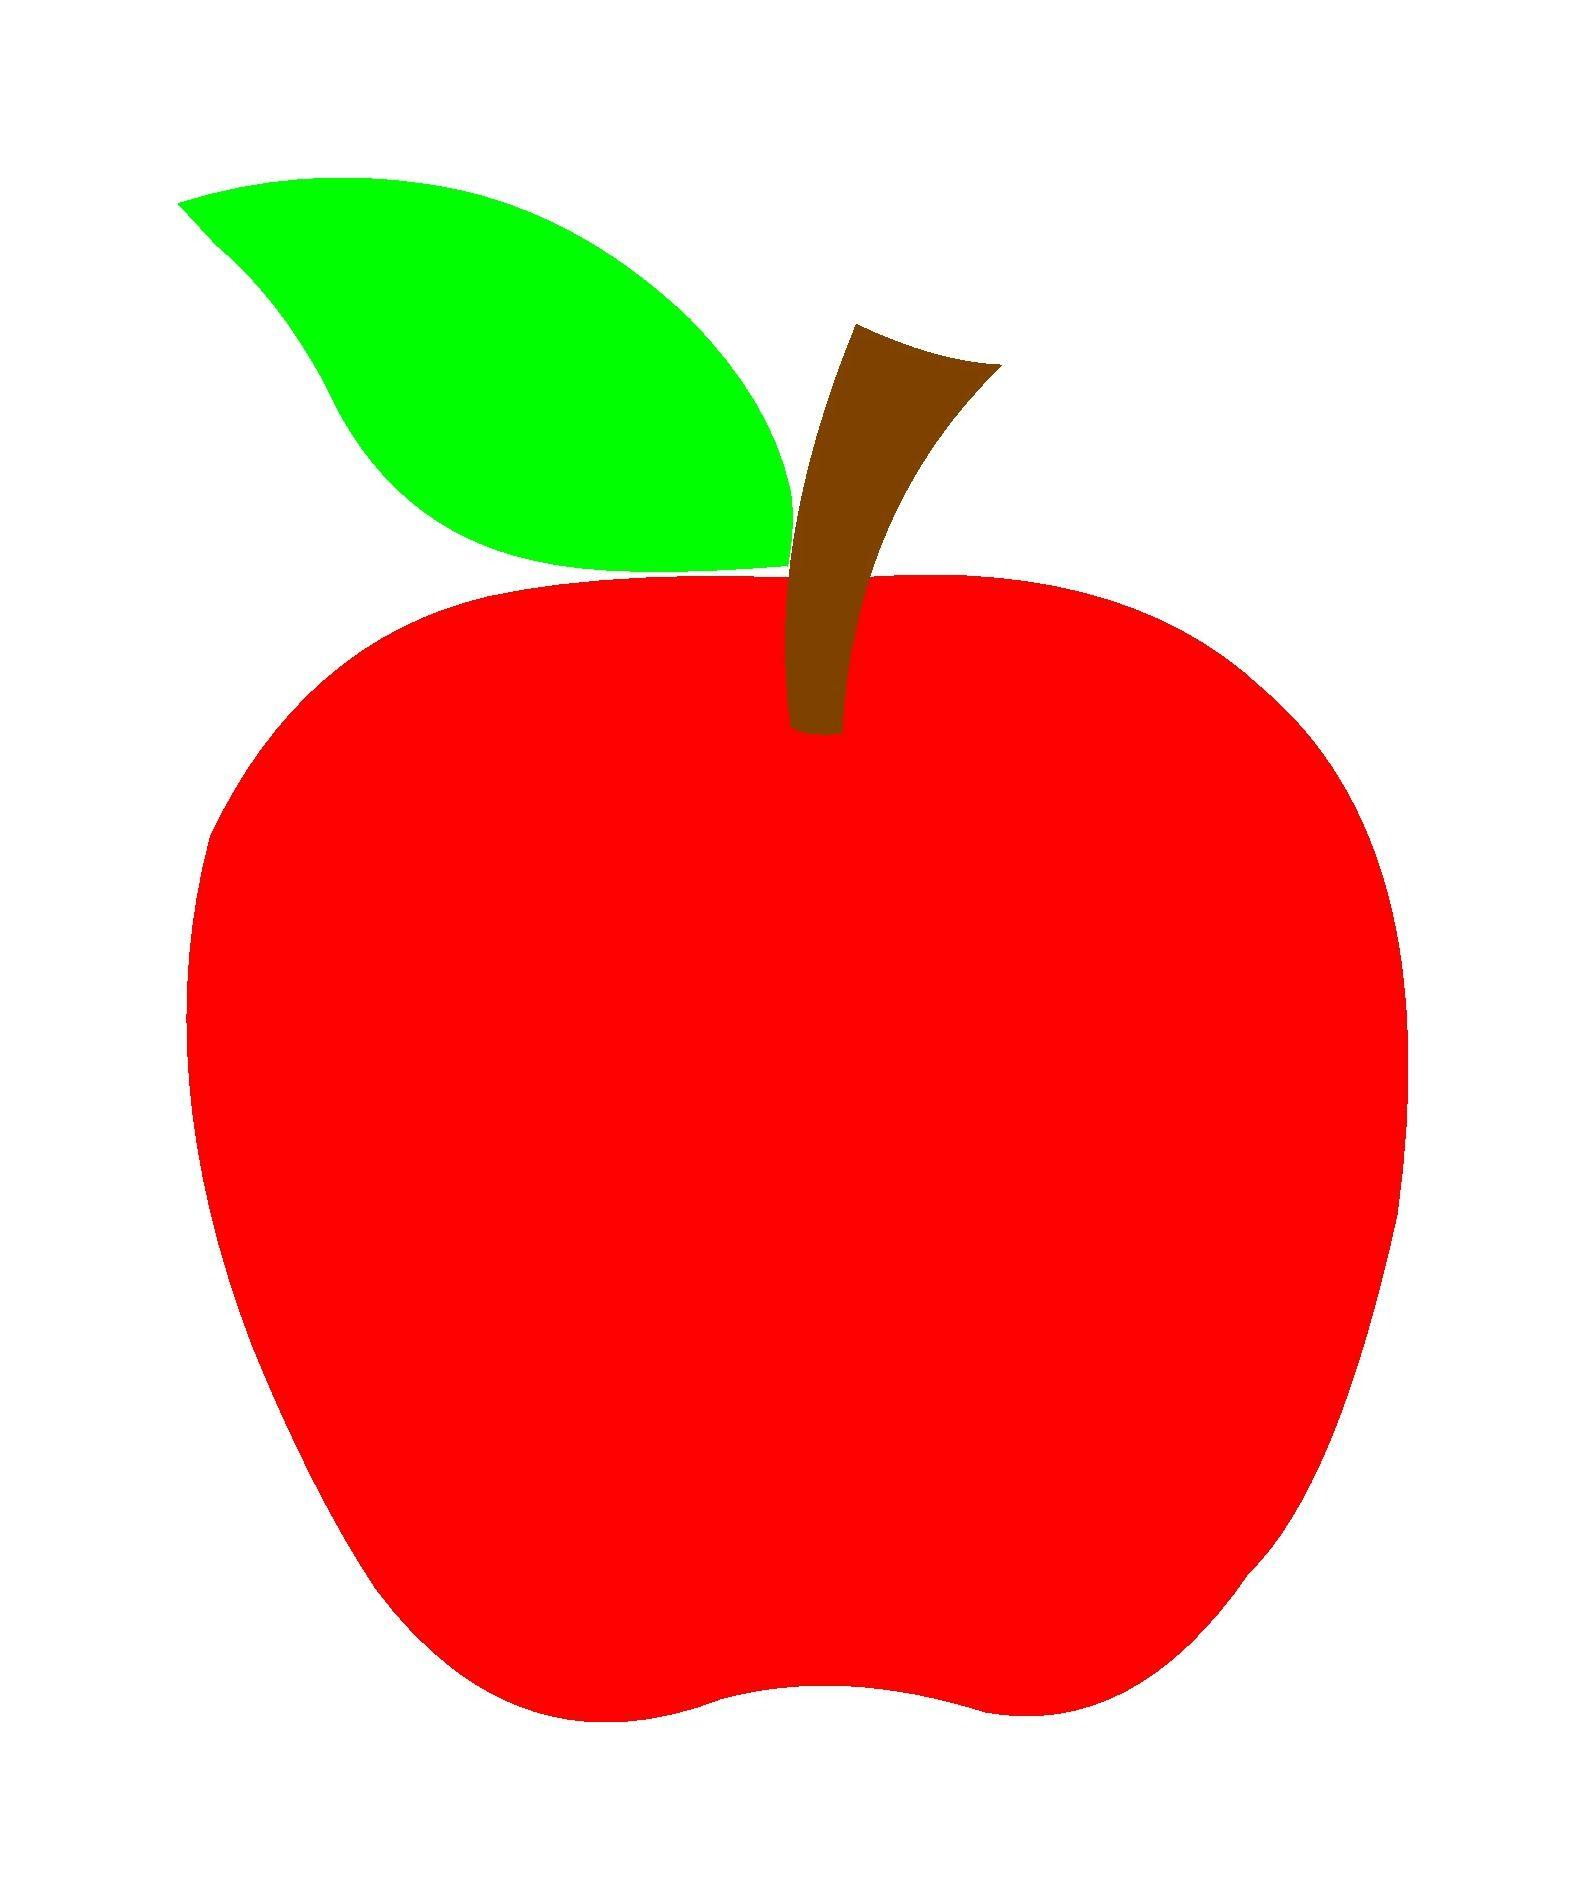 Apple SVG file